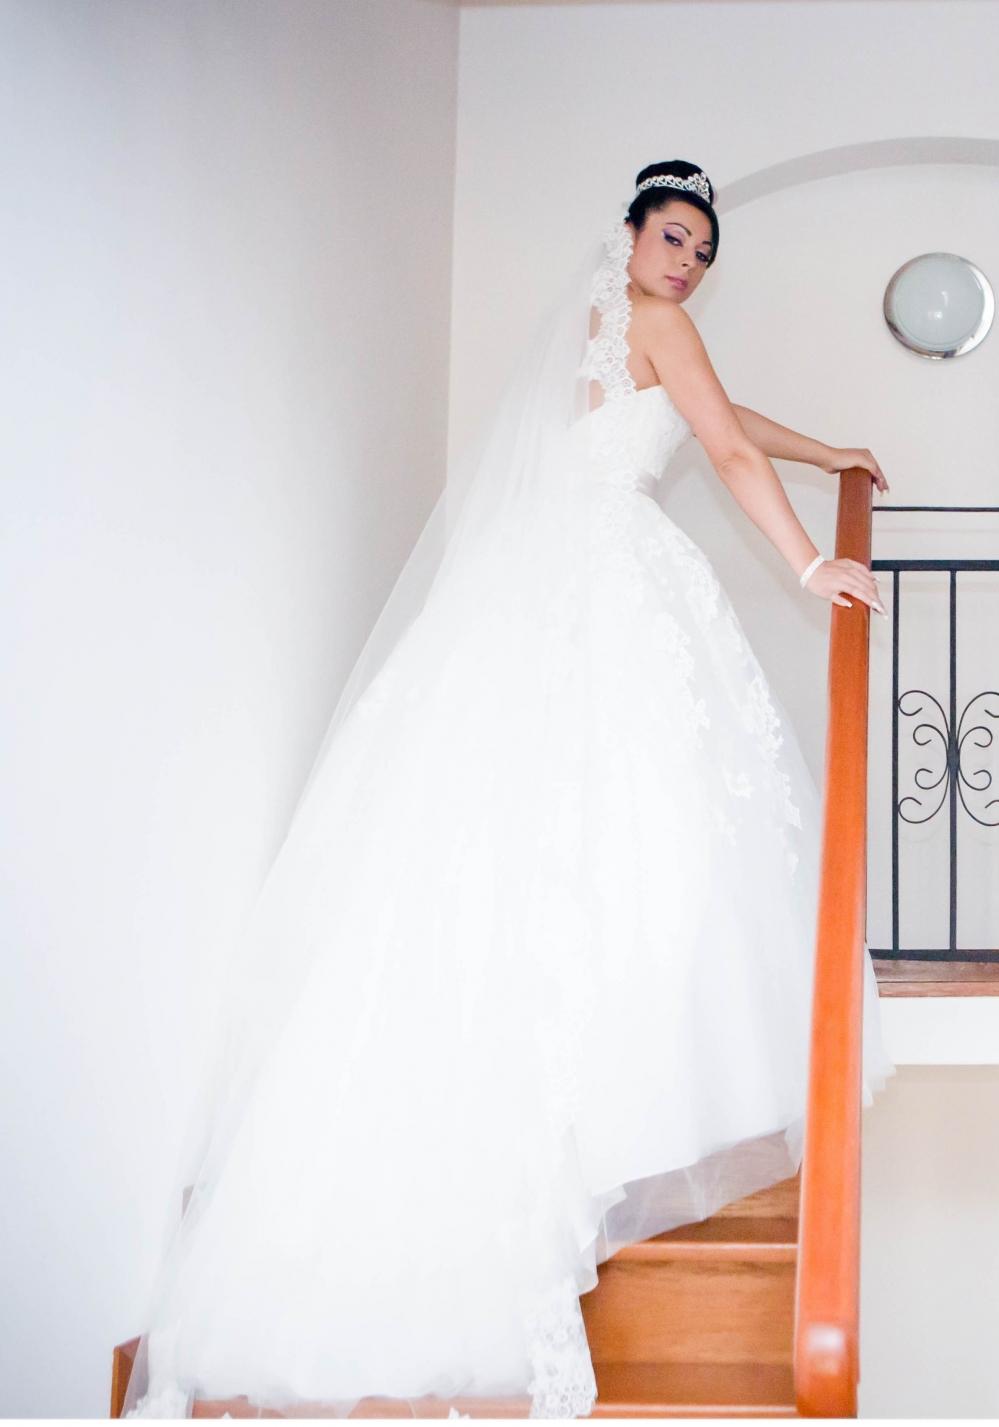 rochie-mireaa-din-dantela-1418305143390-999x1427